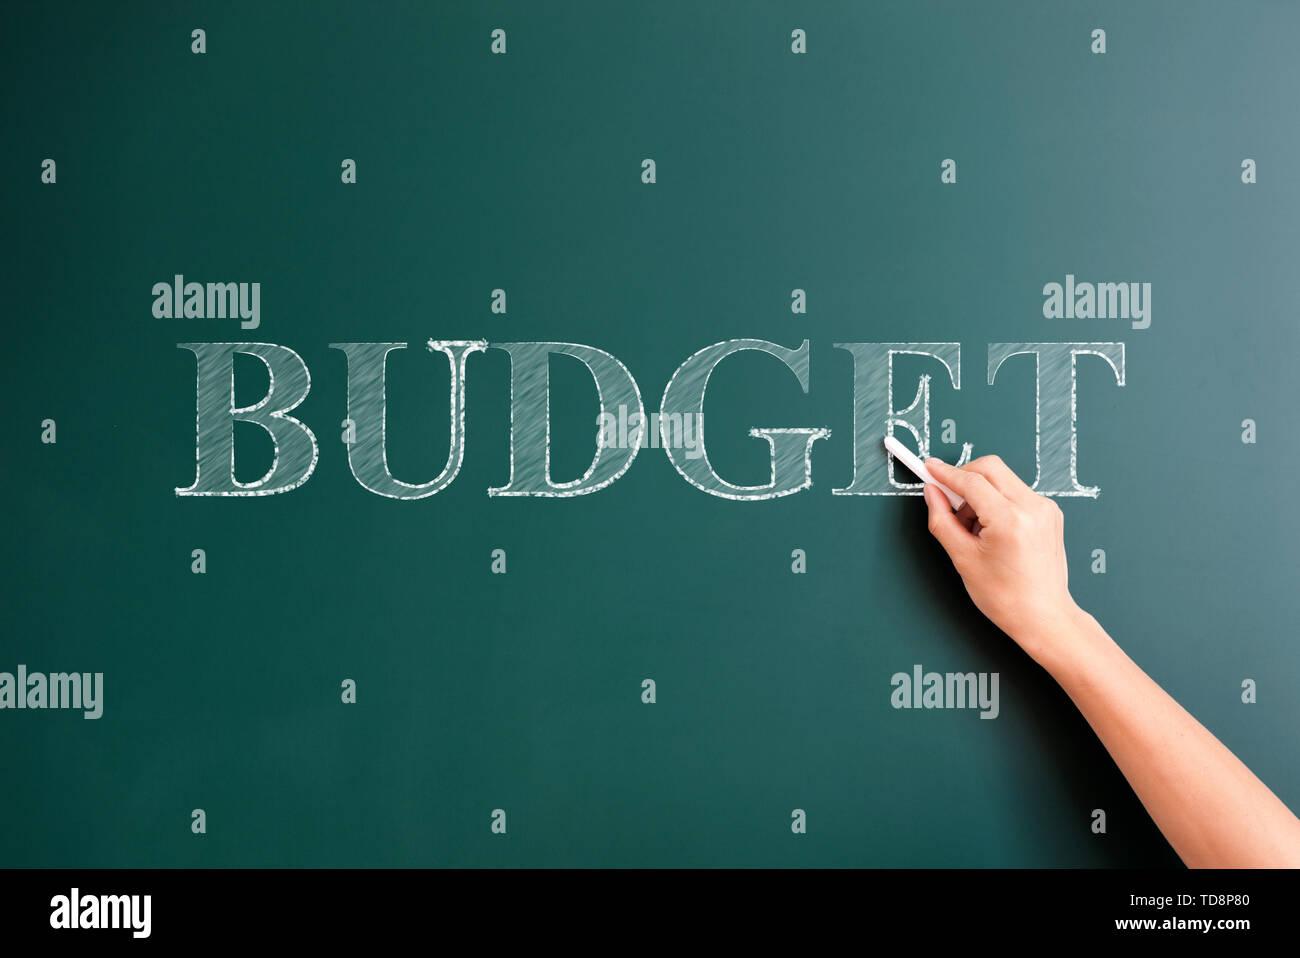 budget written on blackboard - Stock Image